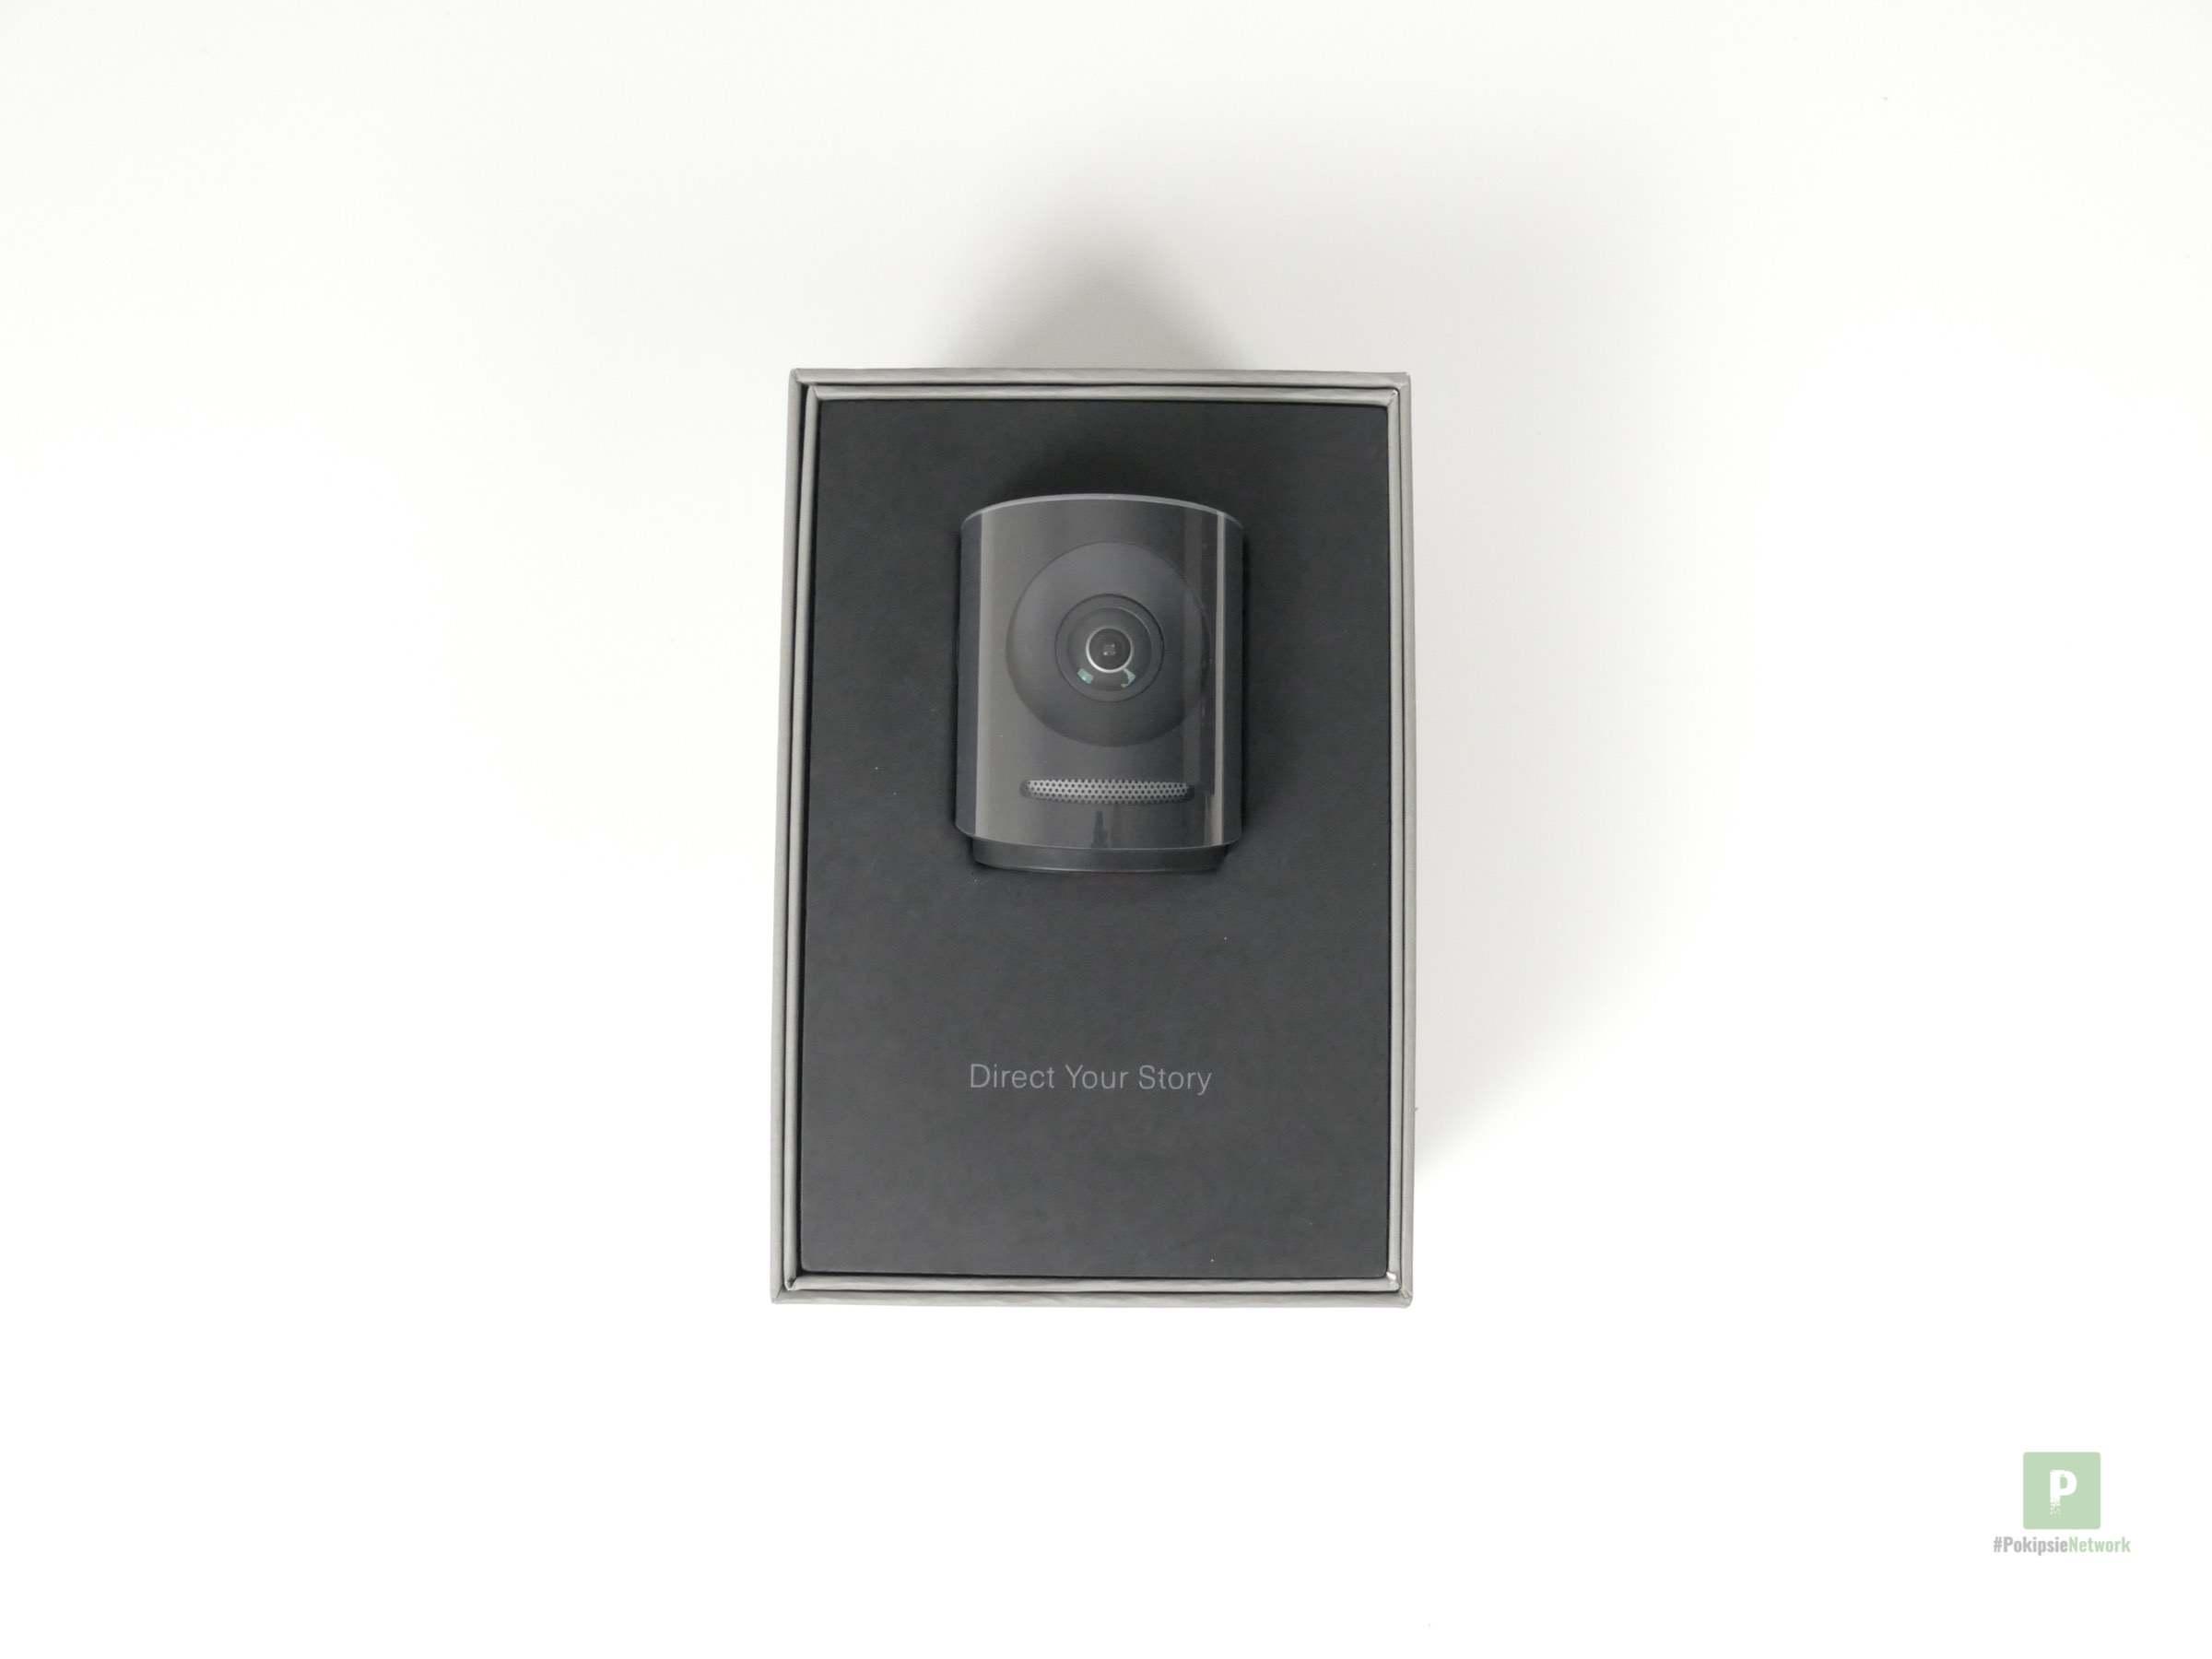 Die Kamera in der Verpackung